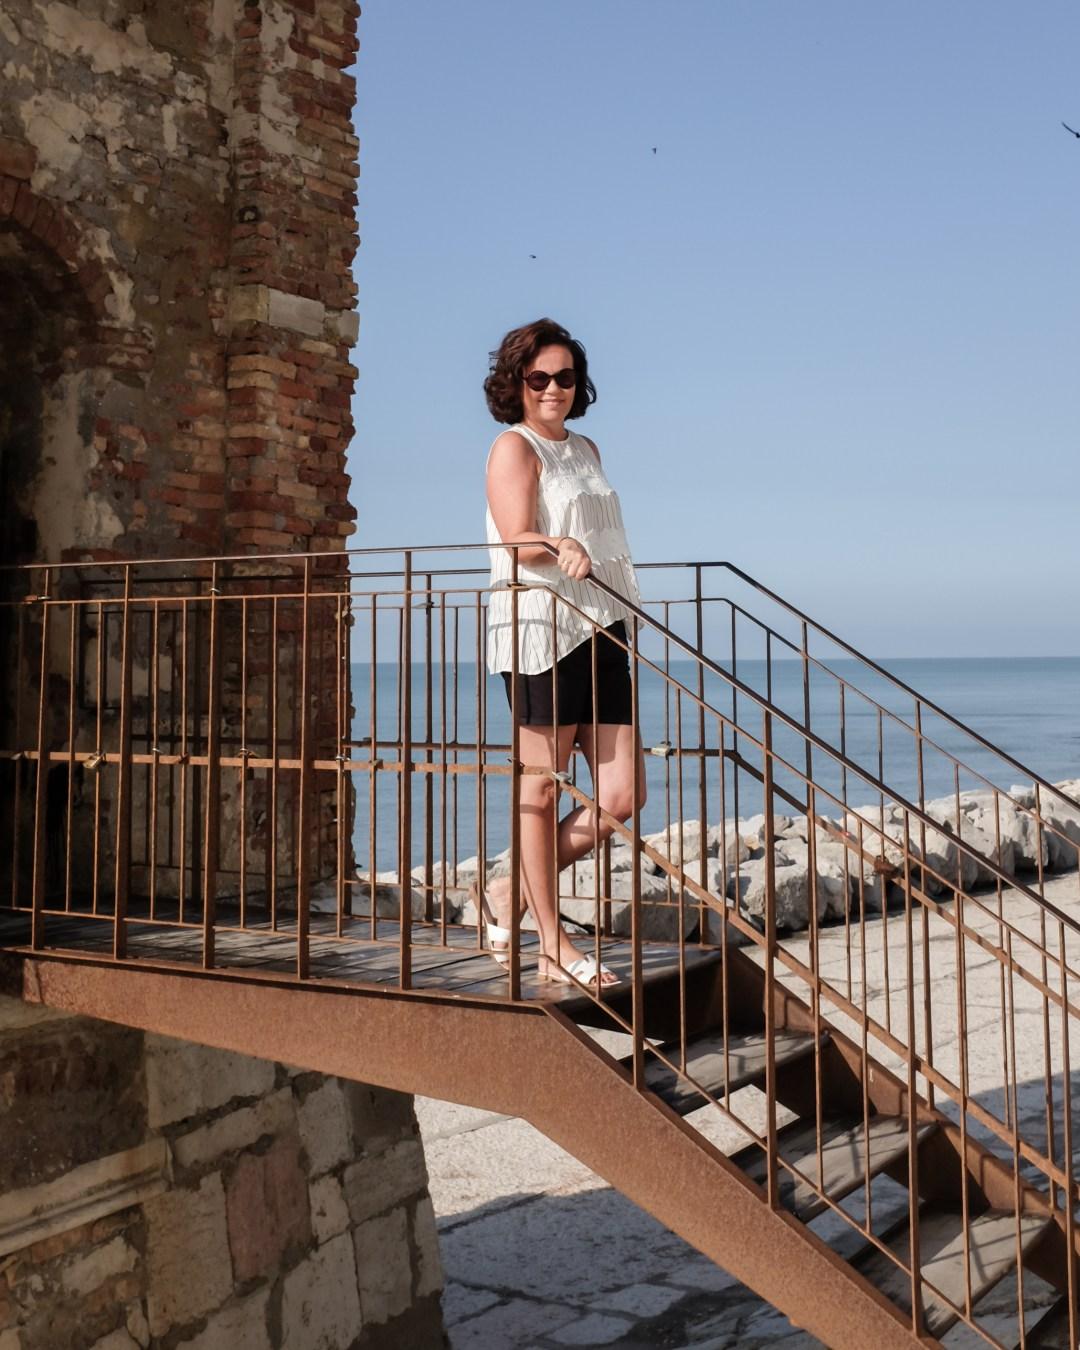 inastil, Ü50Blogger, Caorle, Familienurlaub, Italienurlaub, Strandurlaub, Italienliebe, Italien, Sommerurlaub, Urlaubstipps, Hoteltipp, Familienurlaub in Italien,_-14